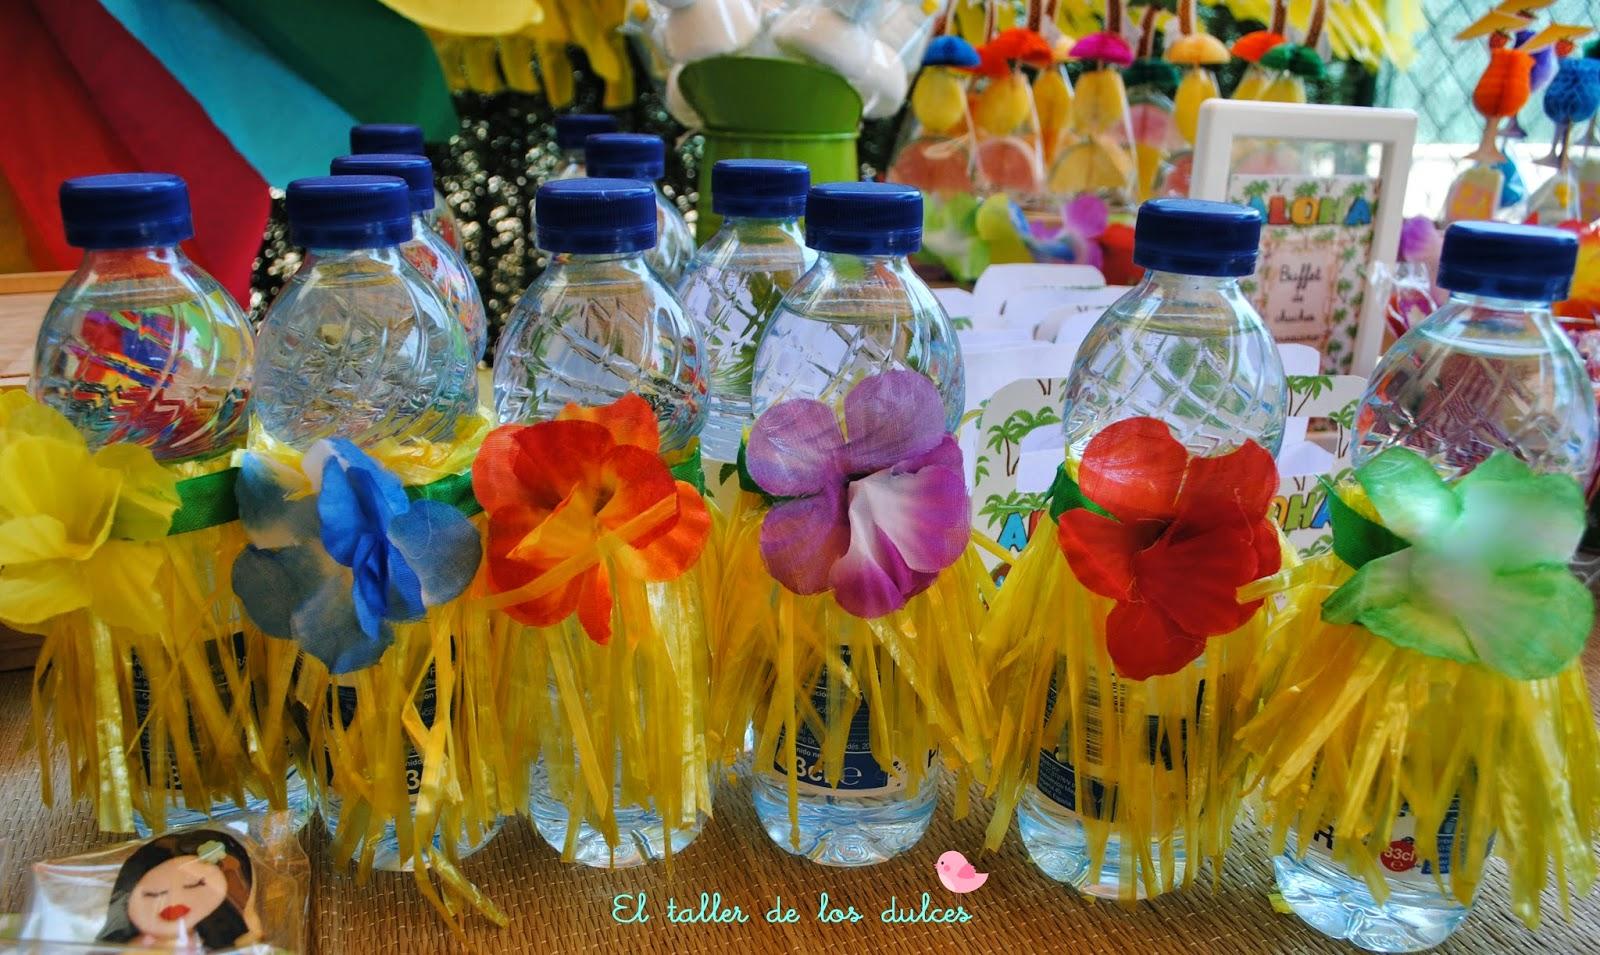 Decoraciones con globos para fiestas infantiles de beisbol - Decoracion fiesta cumpleanos infantil ...